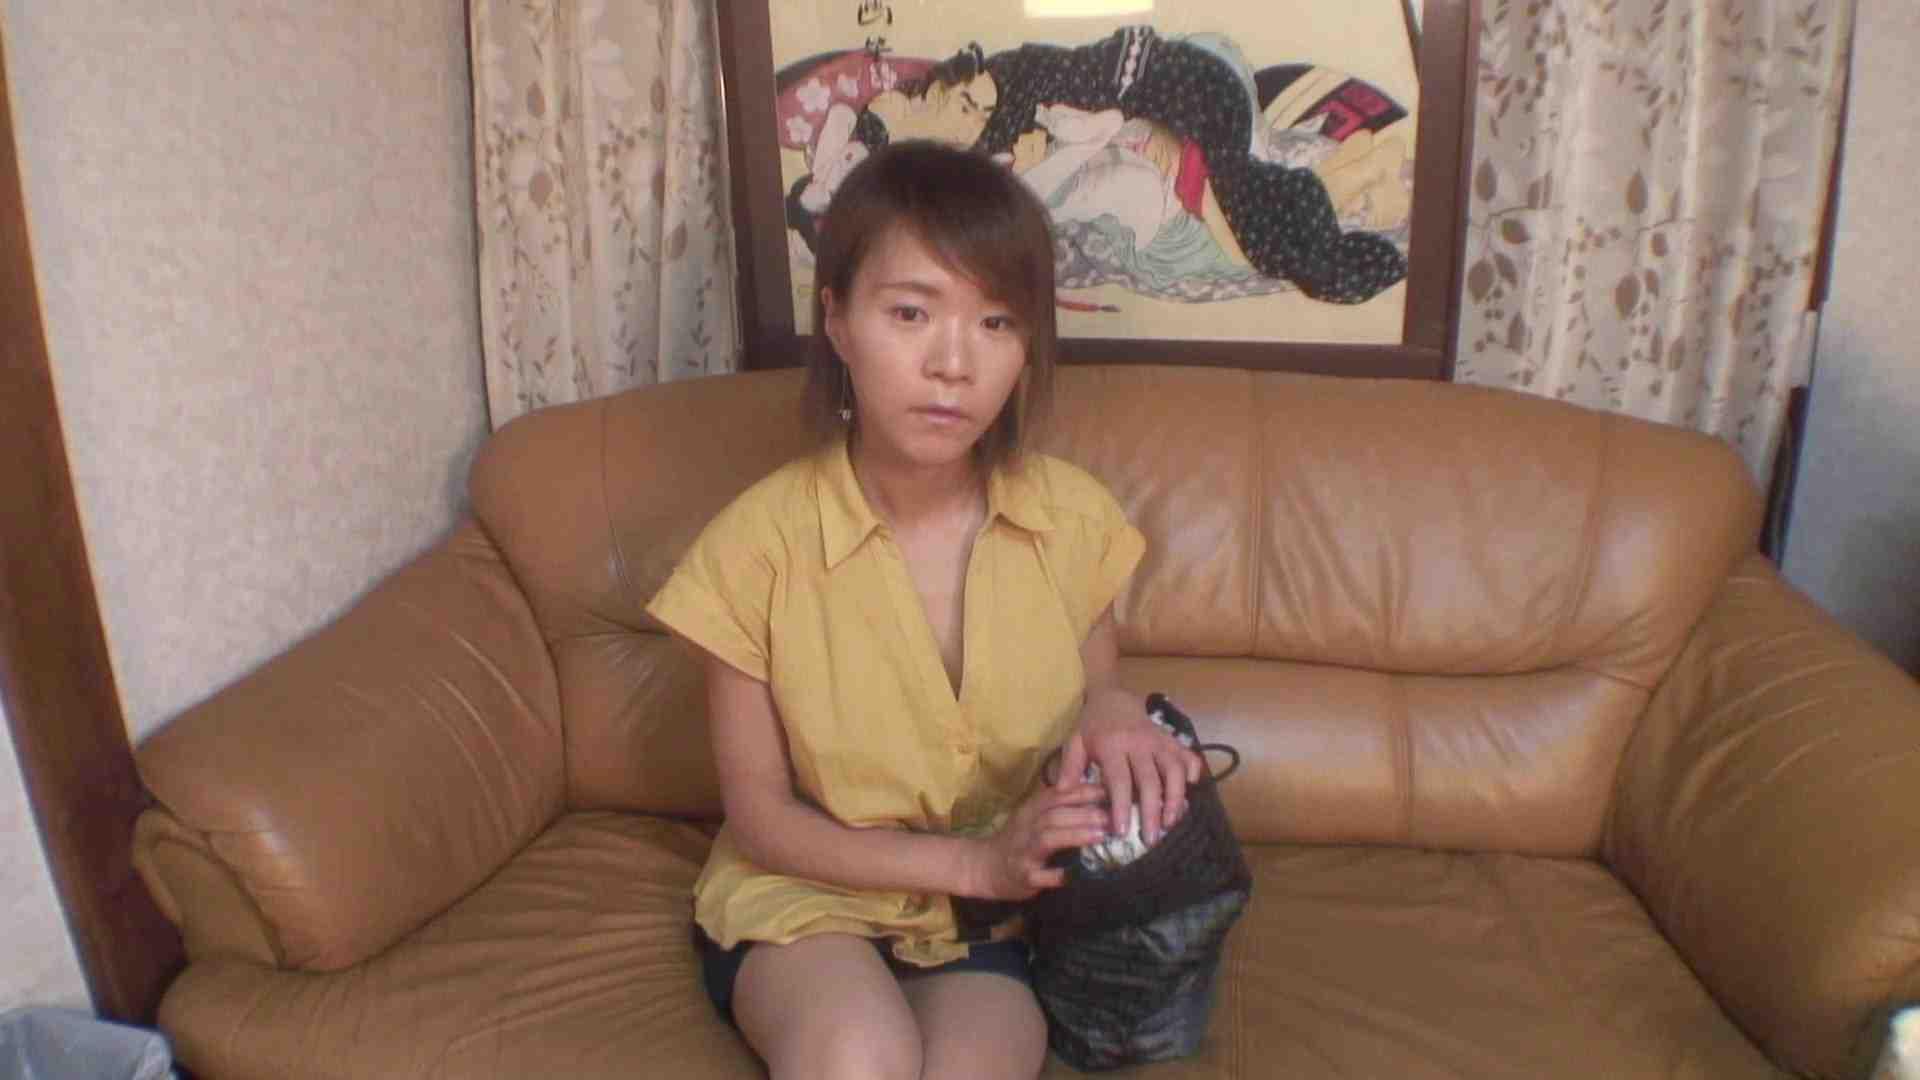 鬼才沖本監督作品 フェラしか出来ない女 細身体型 おまんこ無修正動画無料 86枚 23